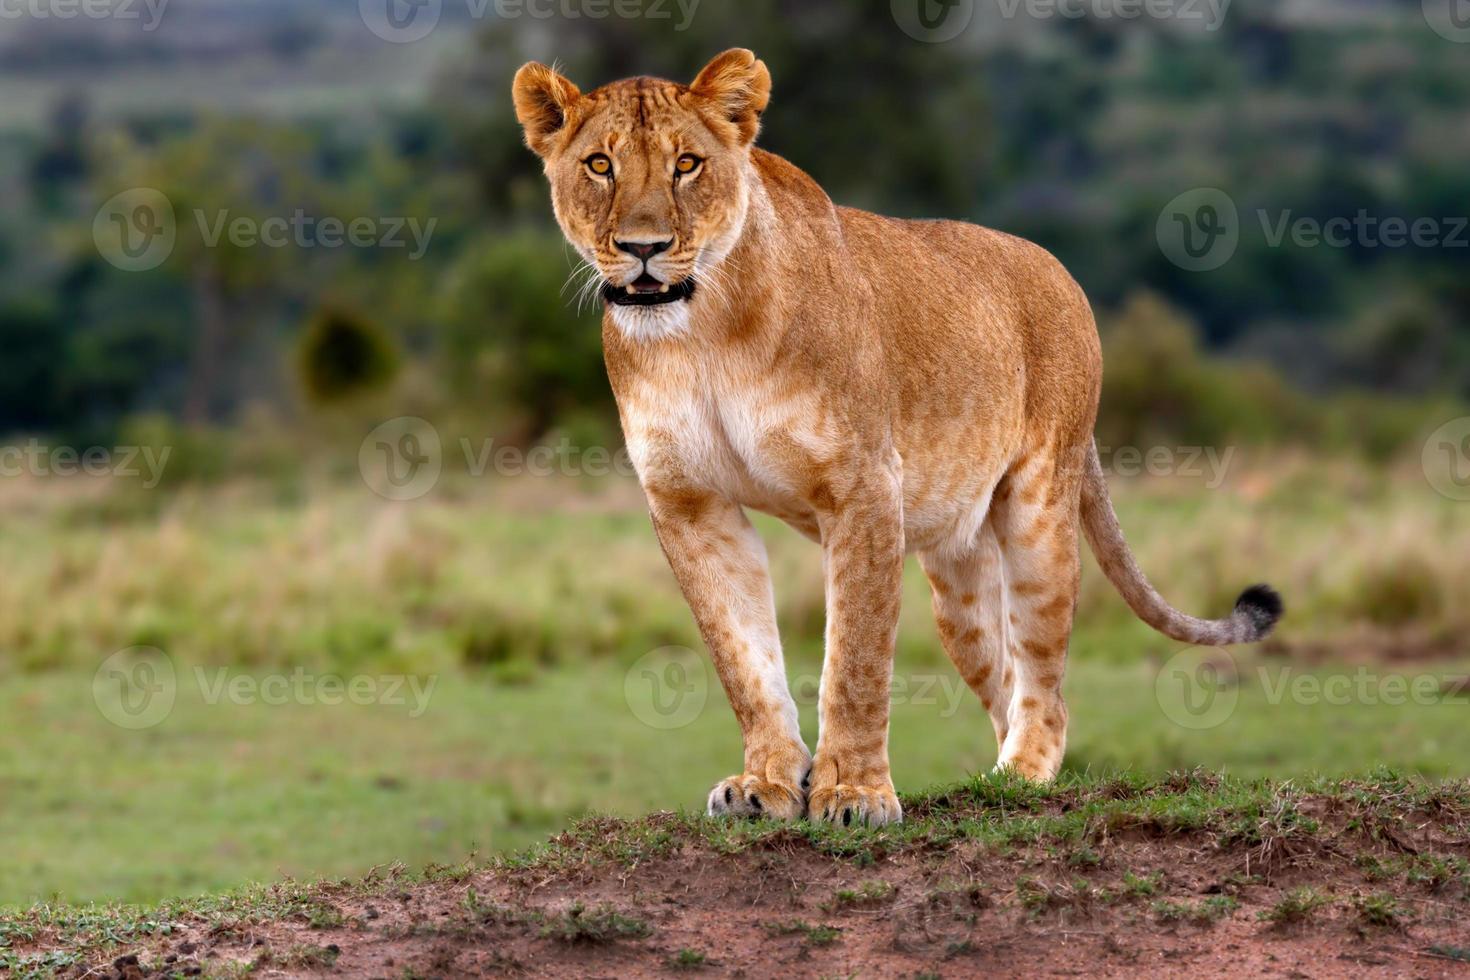 leona observó tres guepardos y se prepara para perseguirlos foto